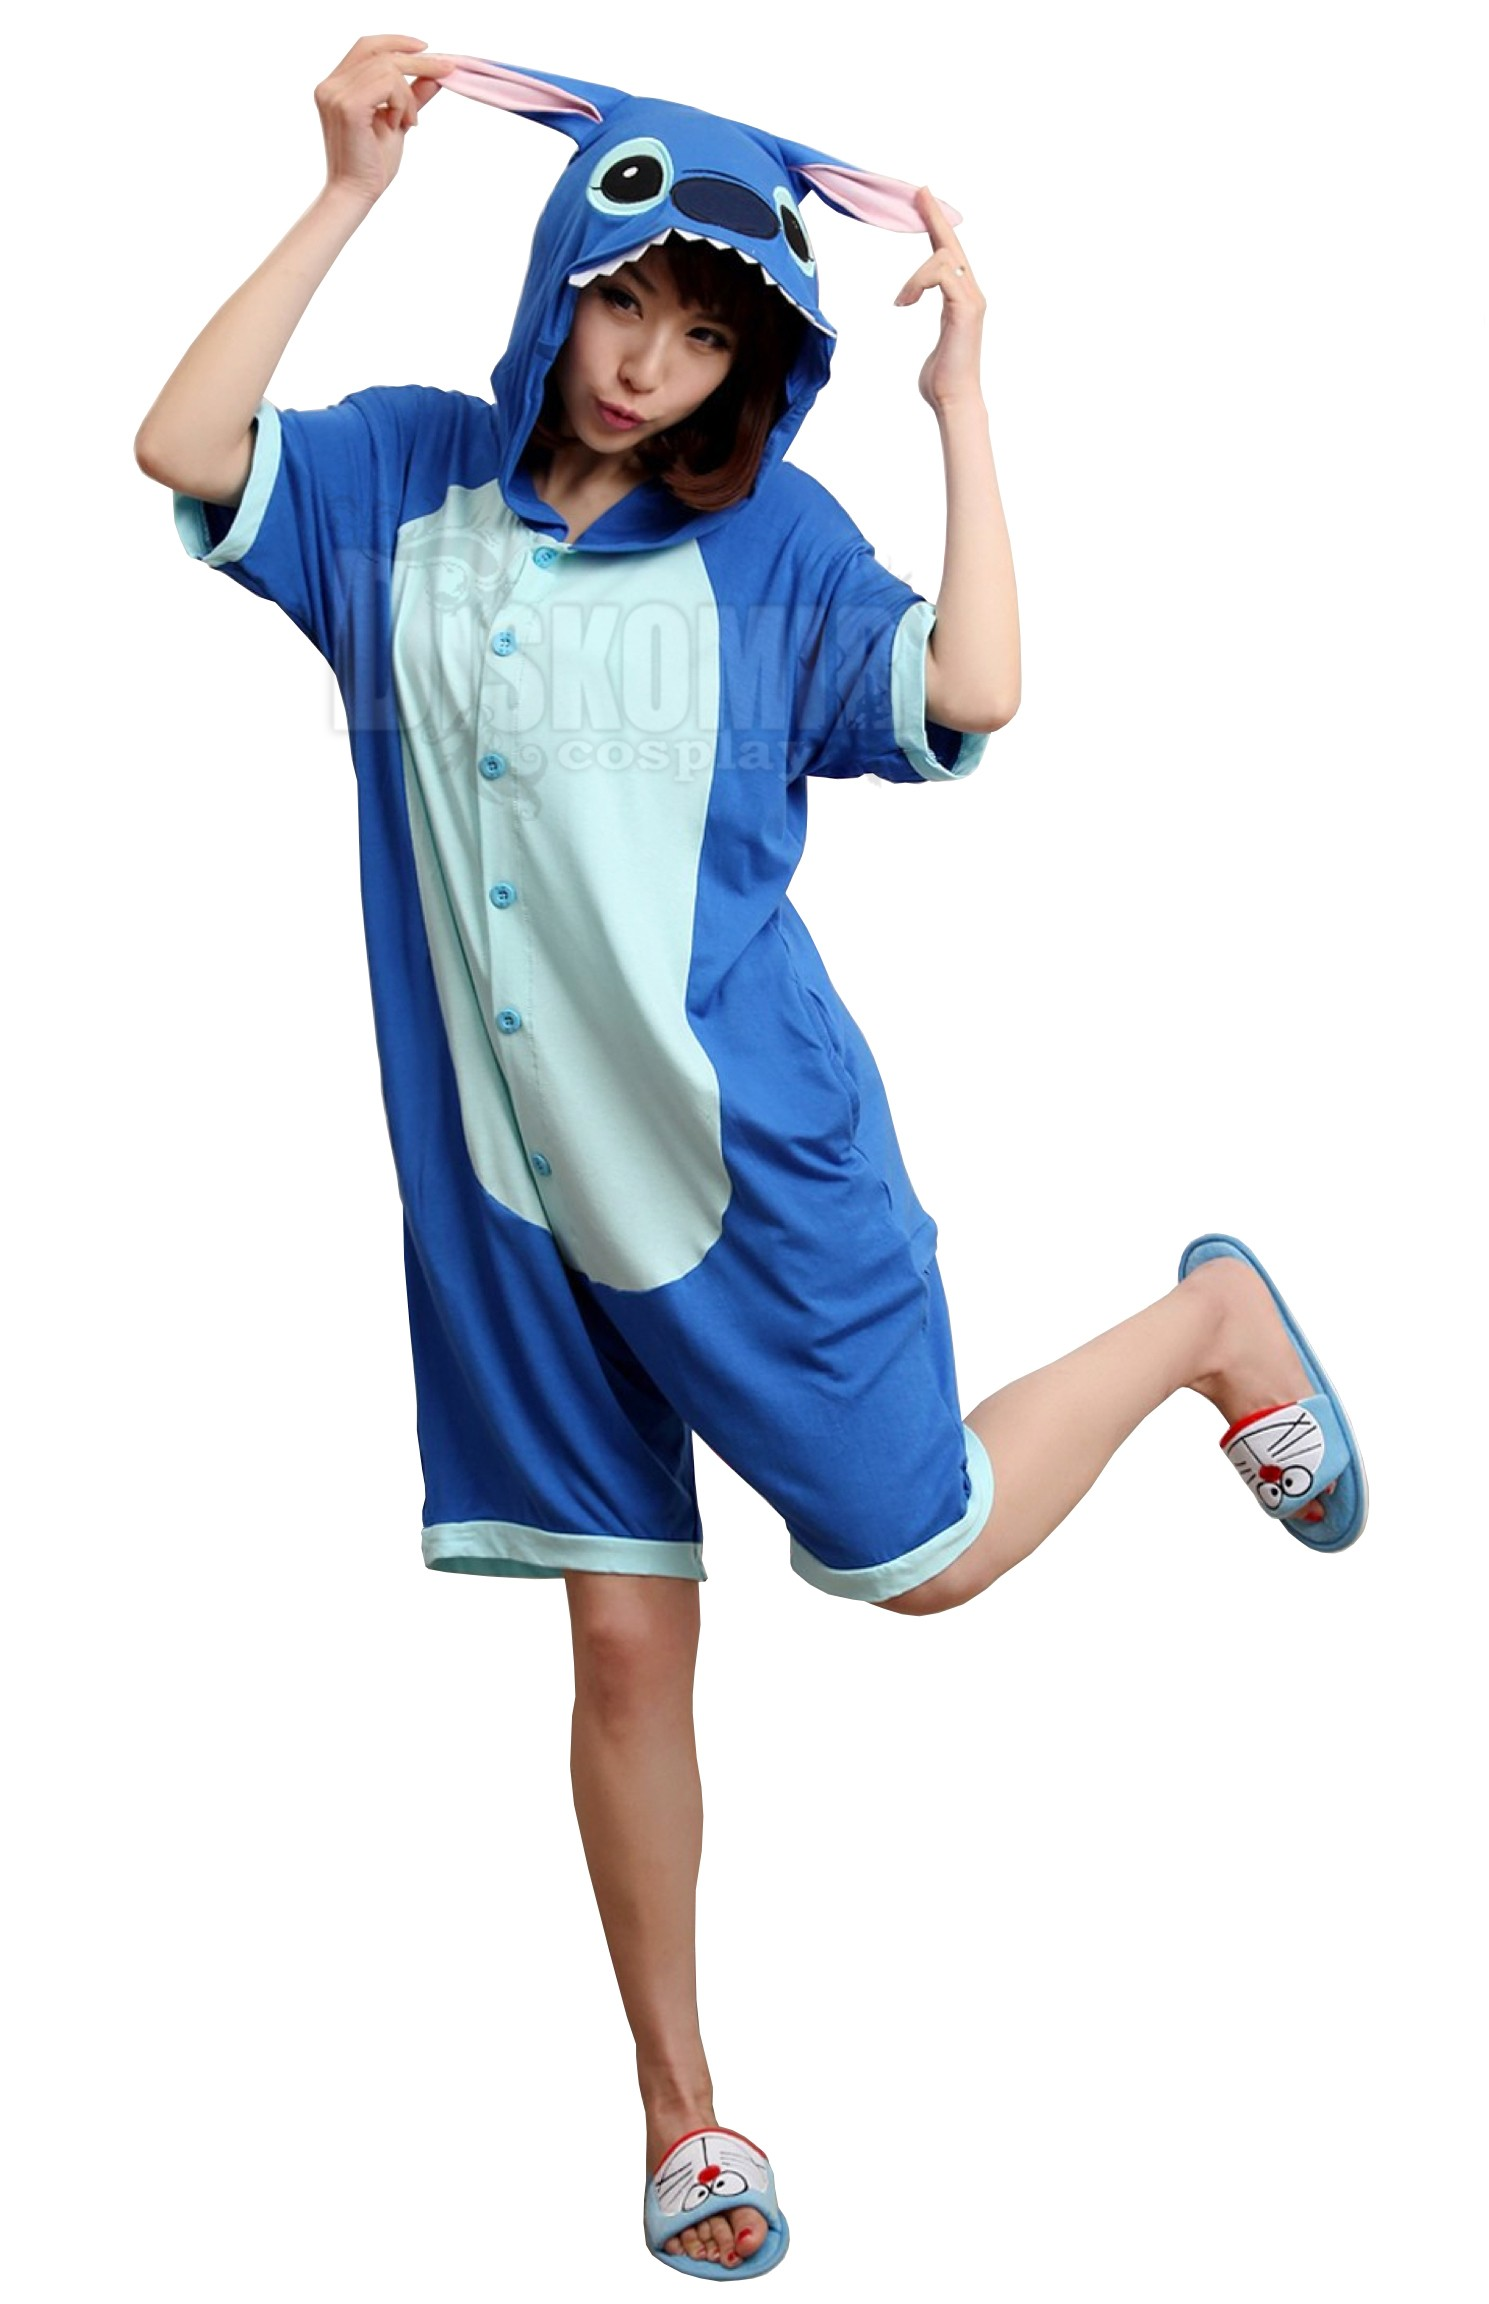 Фотография большая Кигуруми Летнее Стич Голубой Хлопок   Kigurumi Summer  Cotton Blue Stitch из аниме и 6d06357acc99a